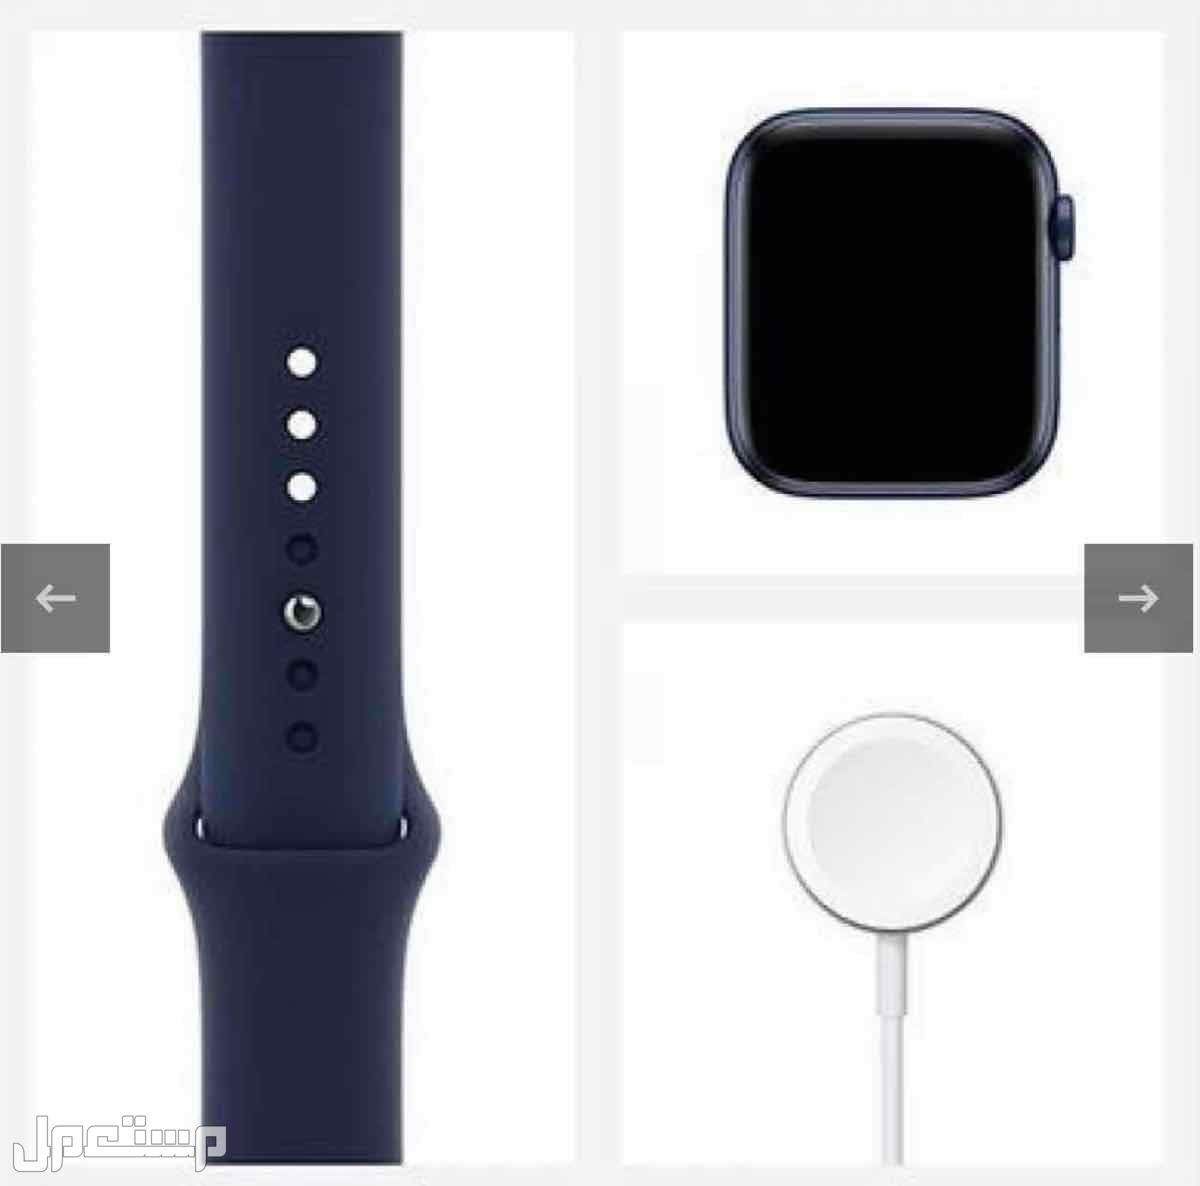 ساعة ابل الإصدار 6، مقاس 44 ملم، GPS، إطار أزرق، سوار أزرق غامق أبل